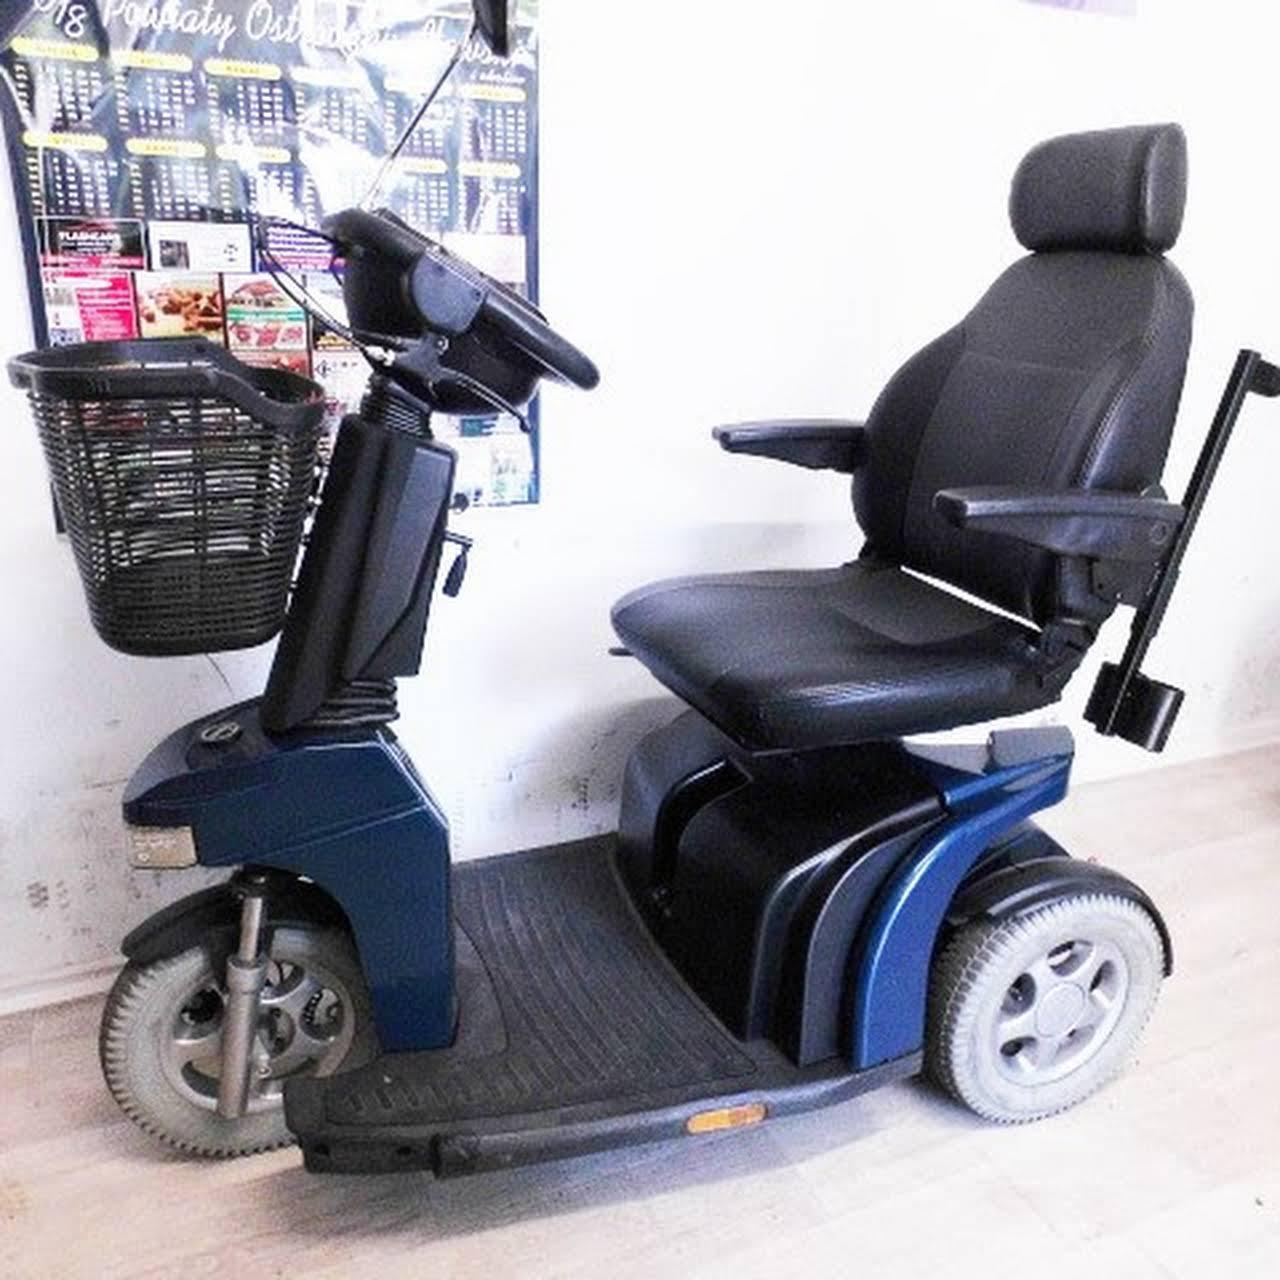 Masywnie Skuter elektryczny inwalidzki używany - Sklep Z Wózkami SM44